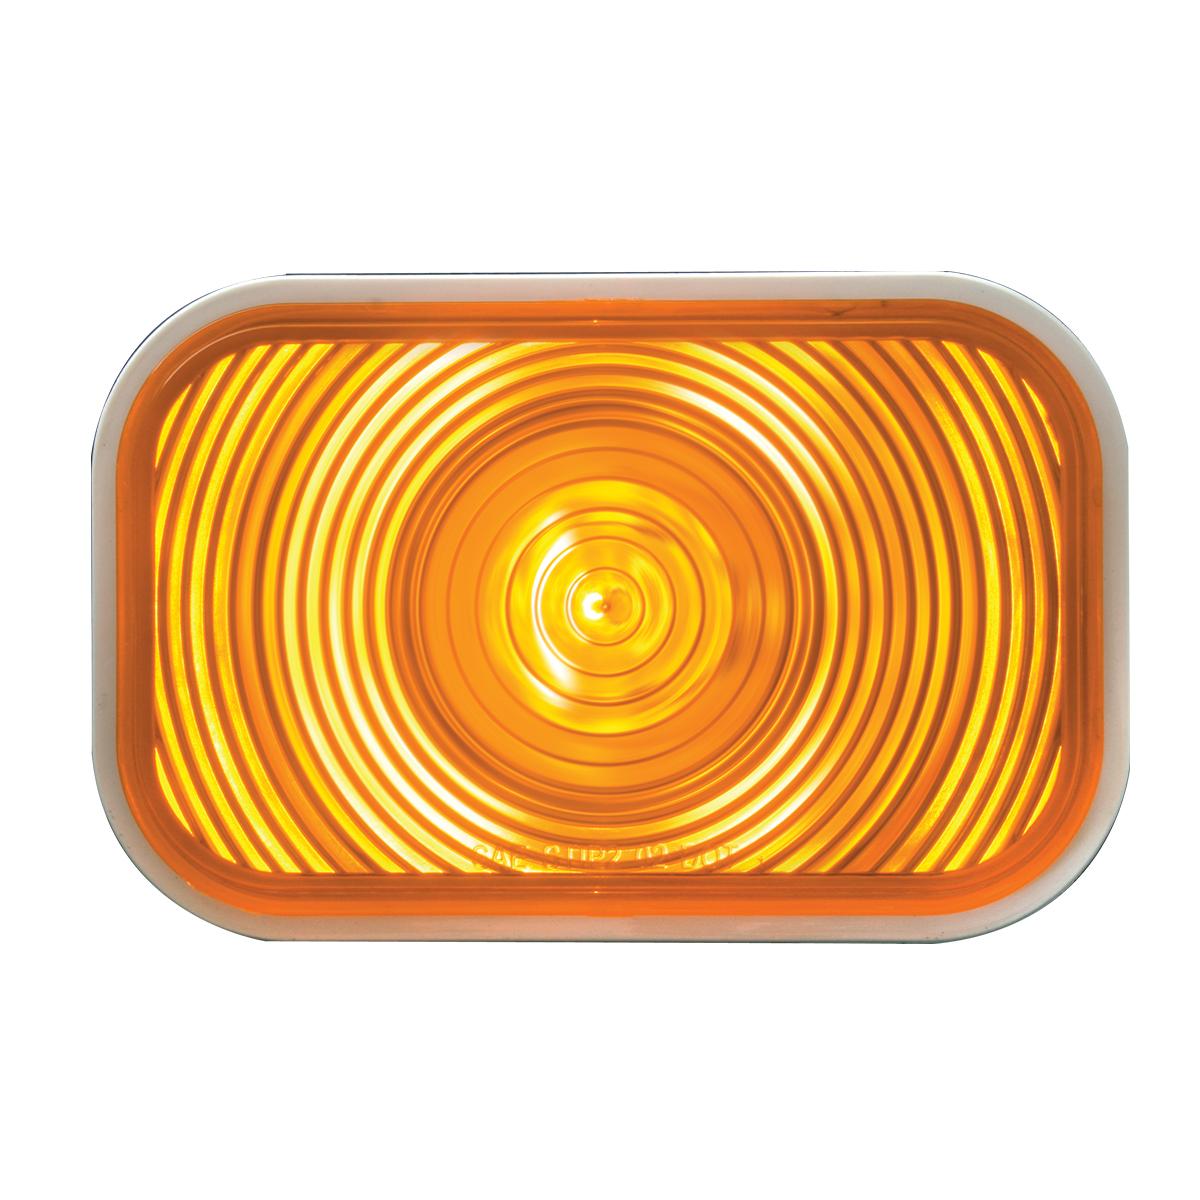 #80771 Rectangular Amber/Amber Sealed Light